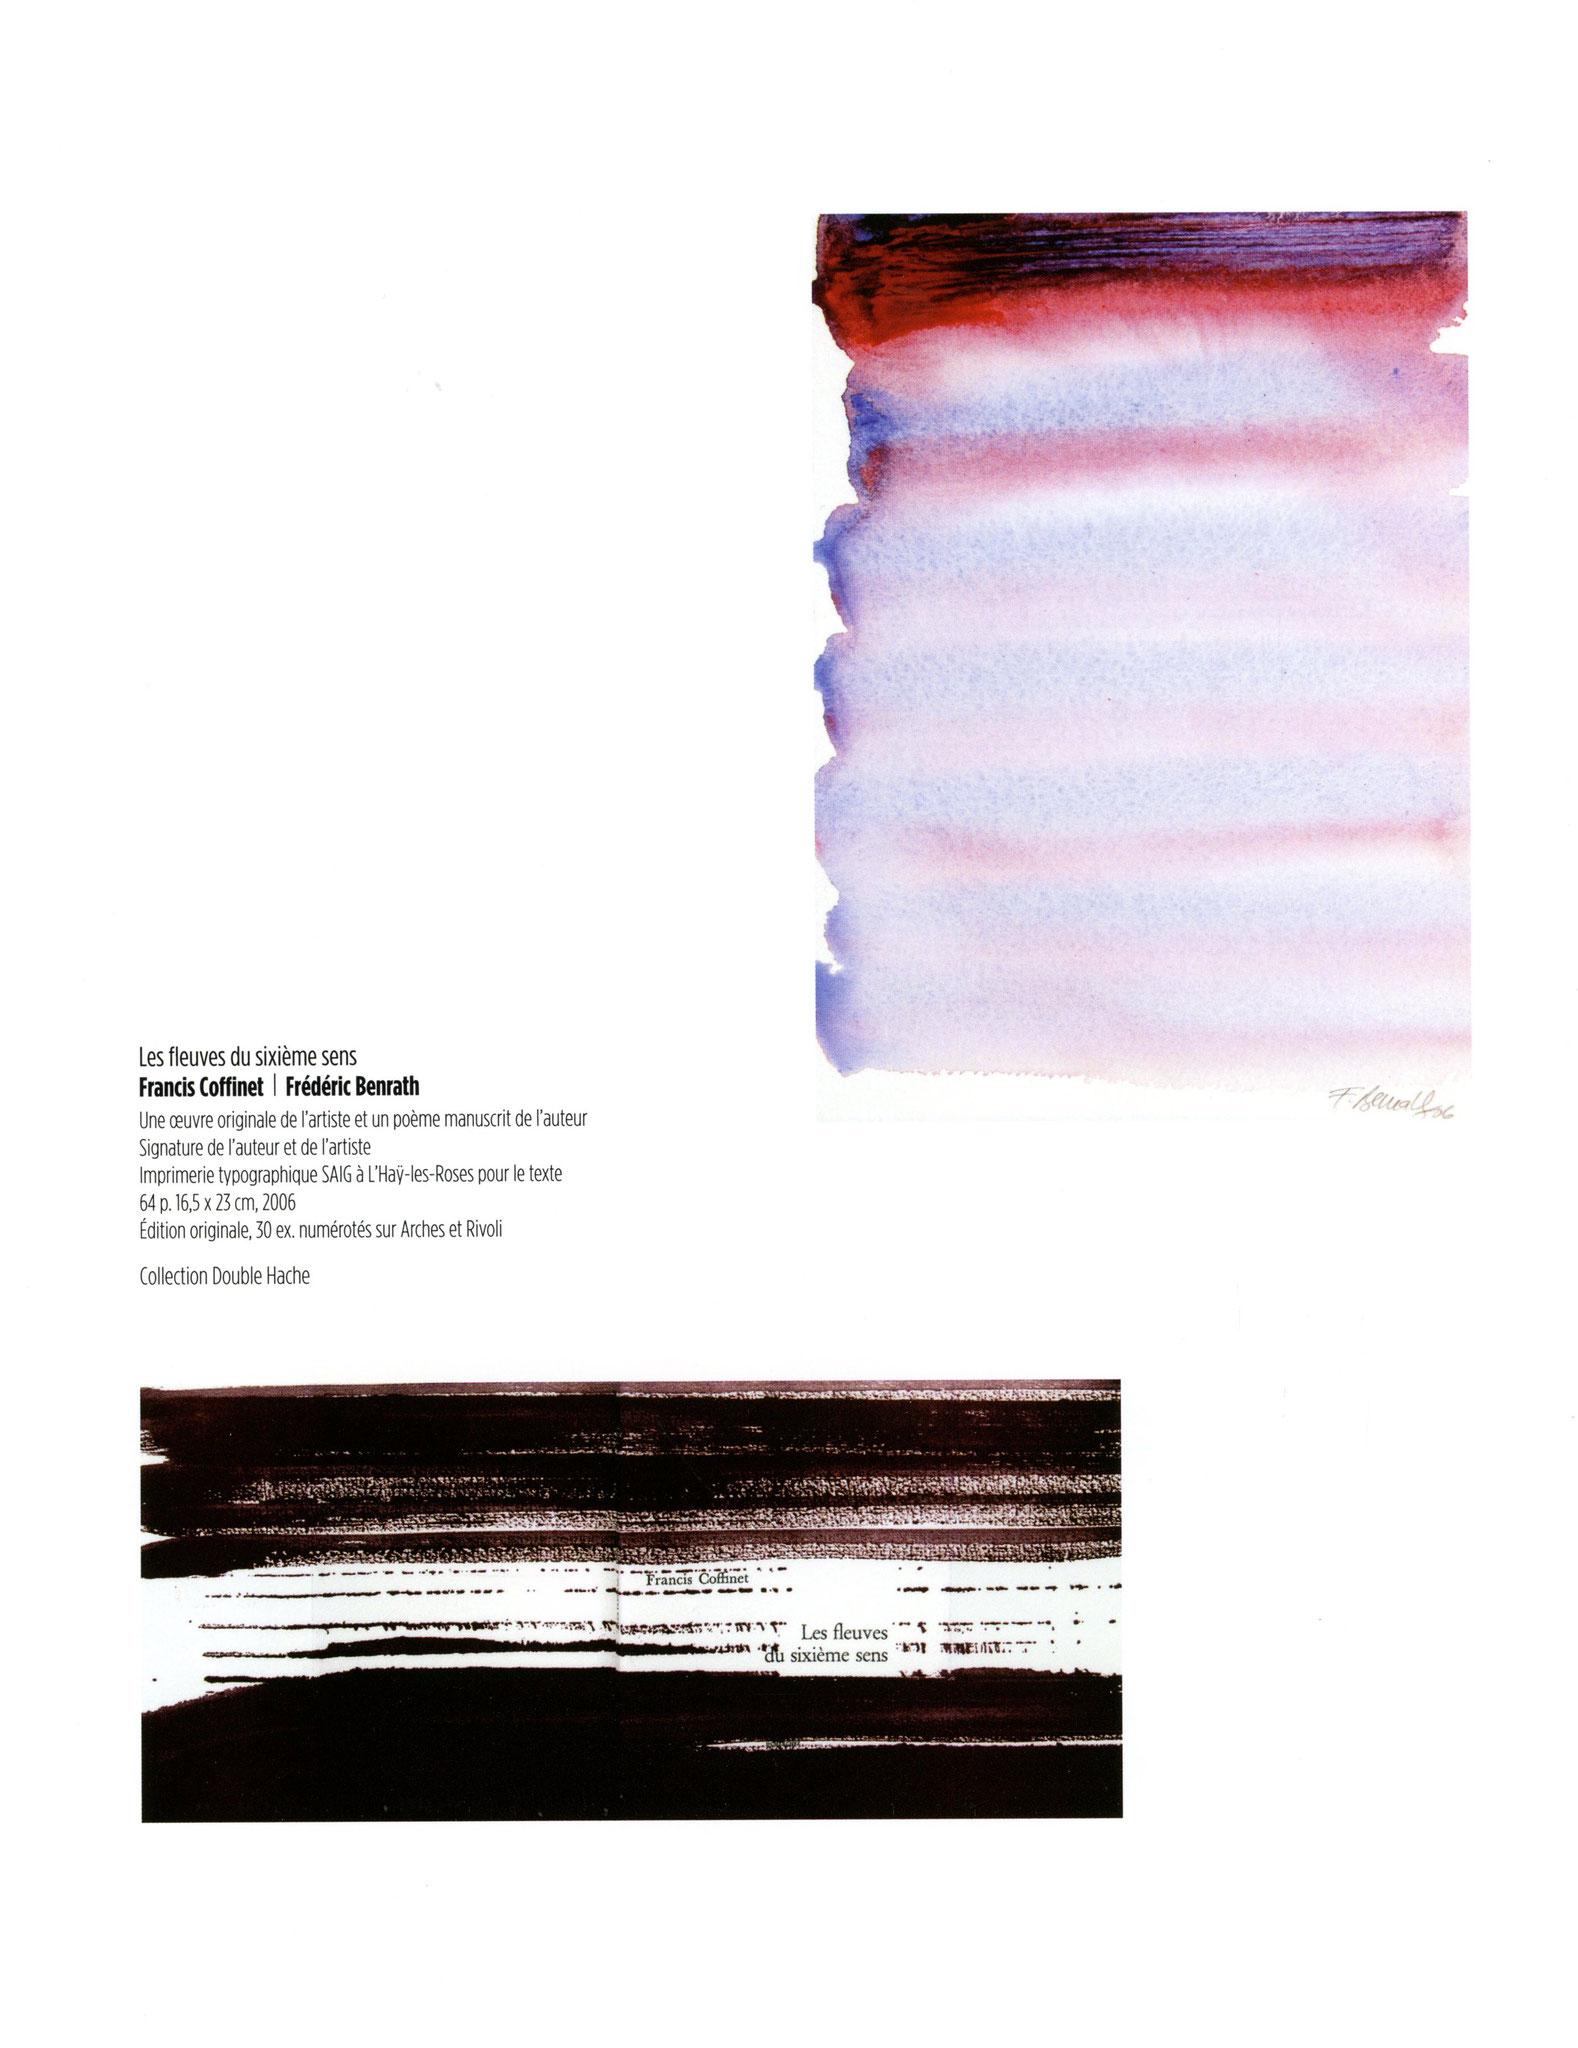 Les fleuves du sixième sens - Francis Coffinet / Frédéric Benrath